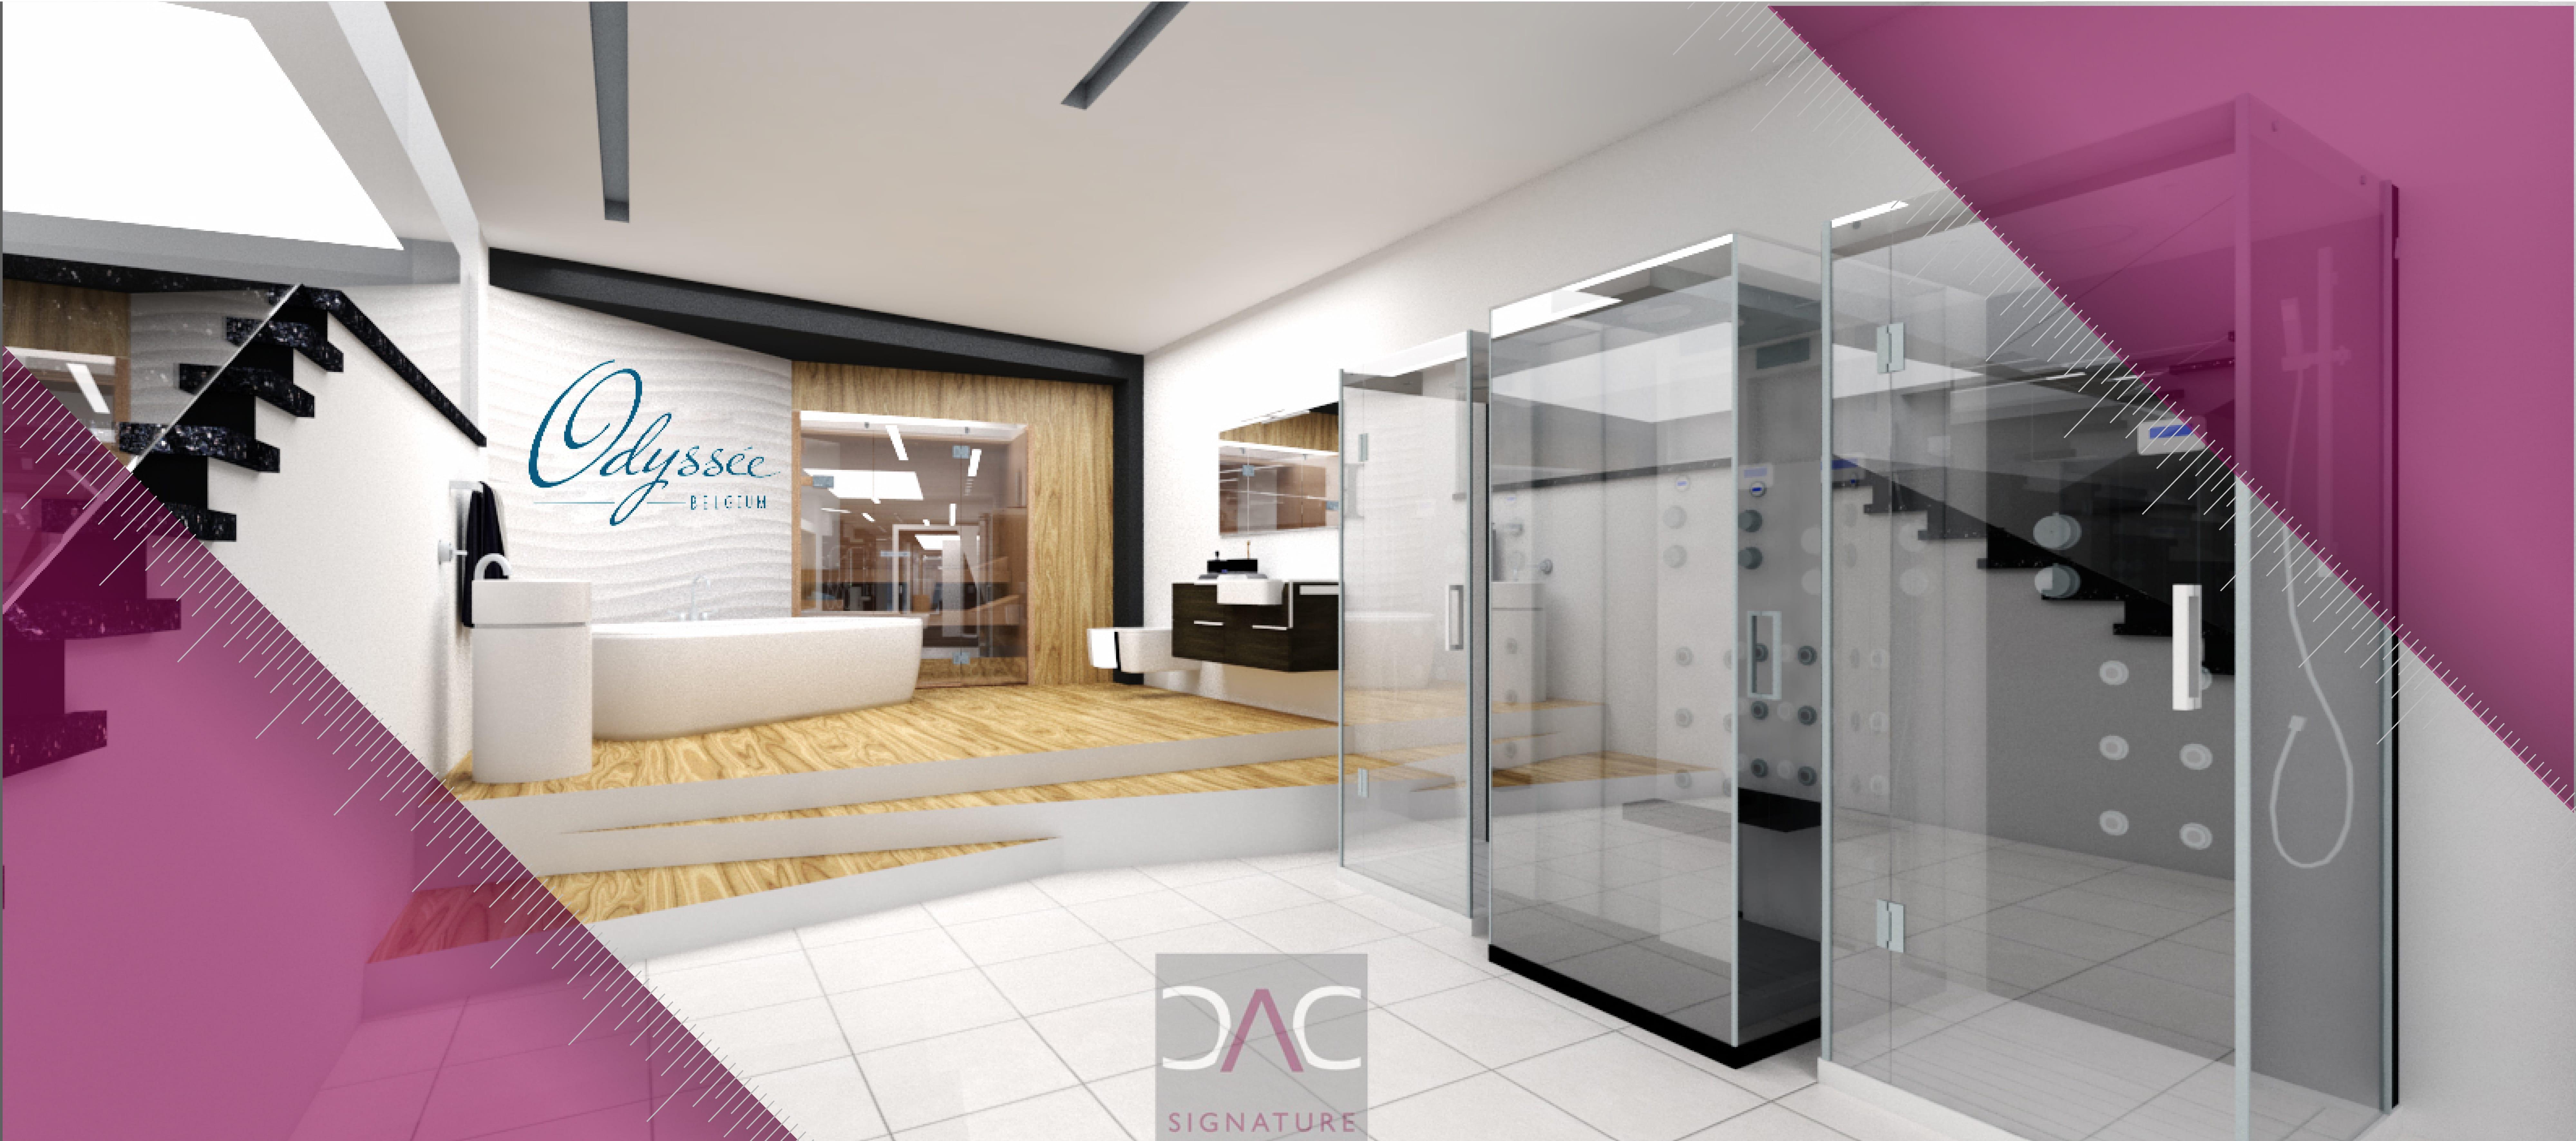 design construction Finition d'intérieur